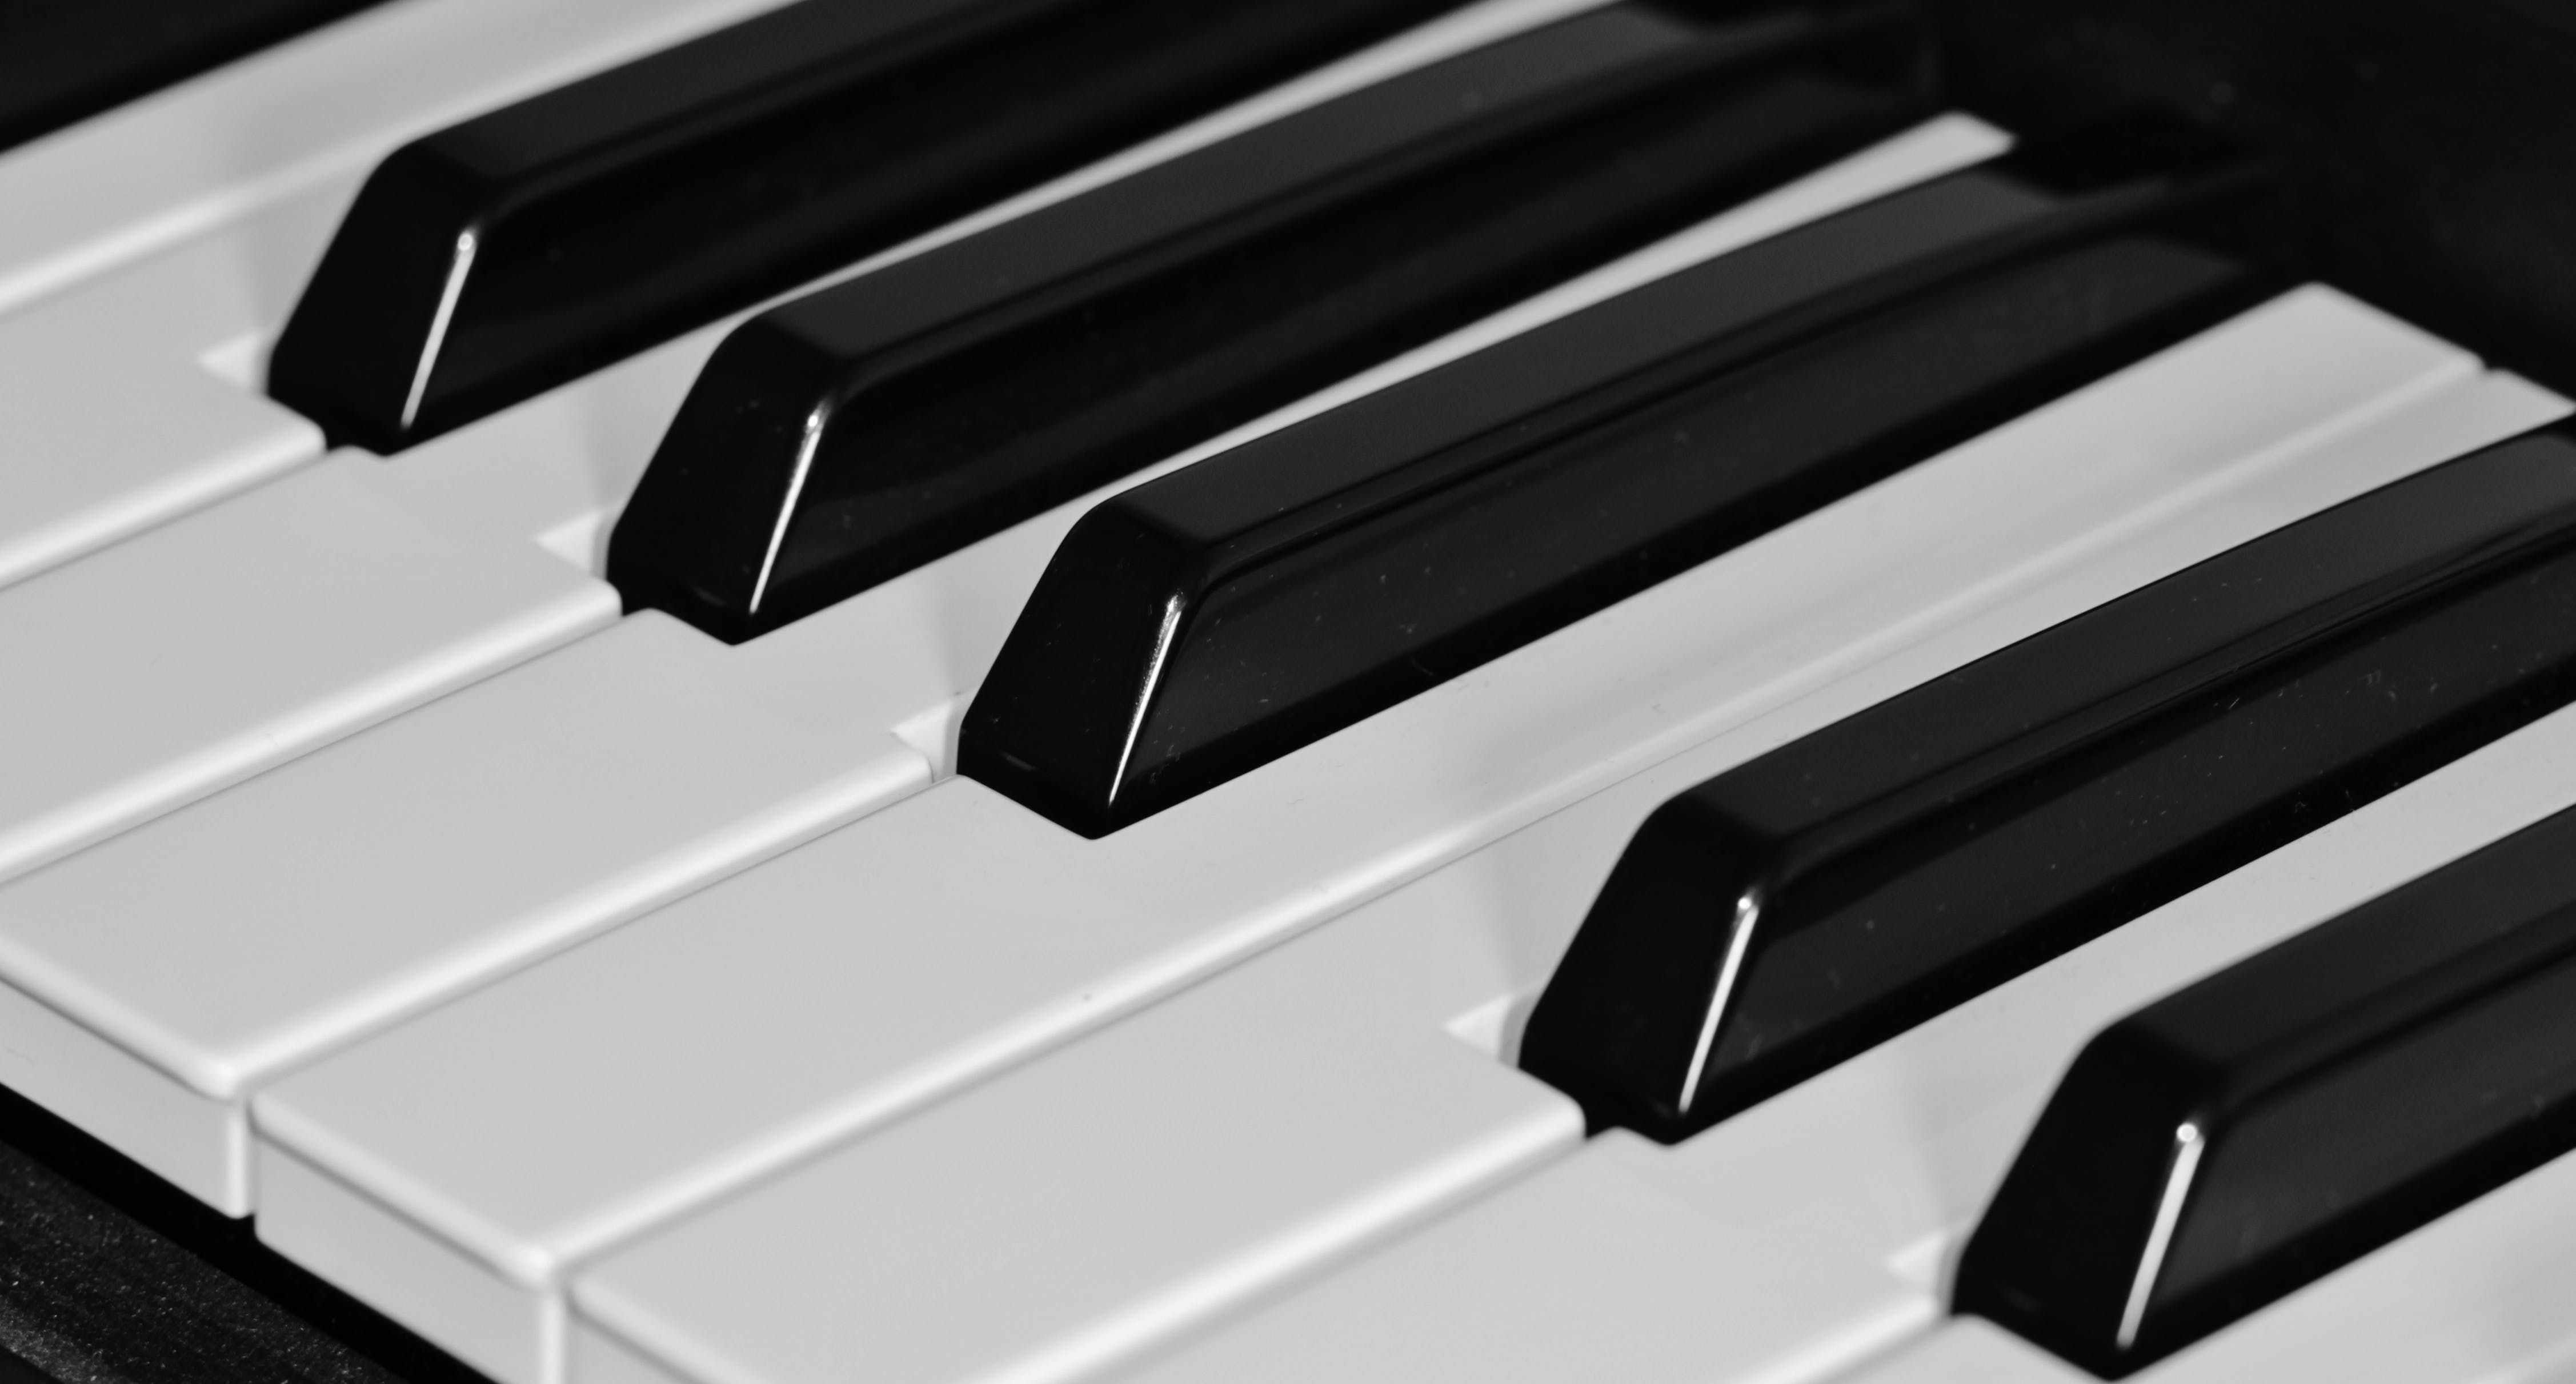 Gratis lagerfoto af close-up, instrument, klaver, musikinstrument